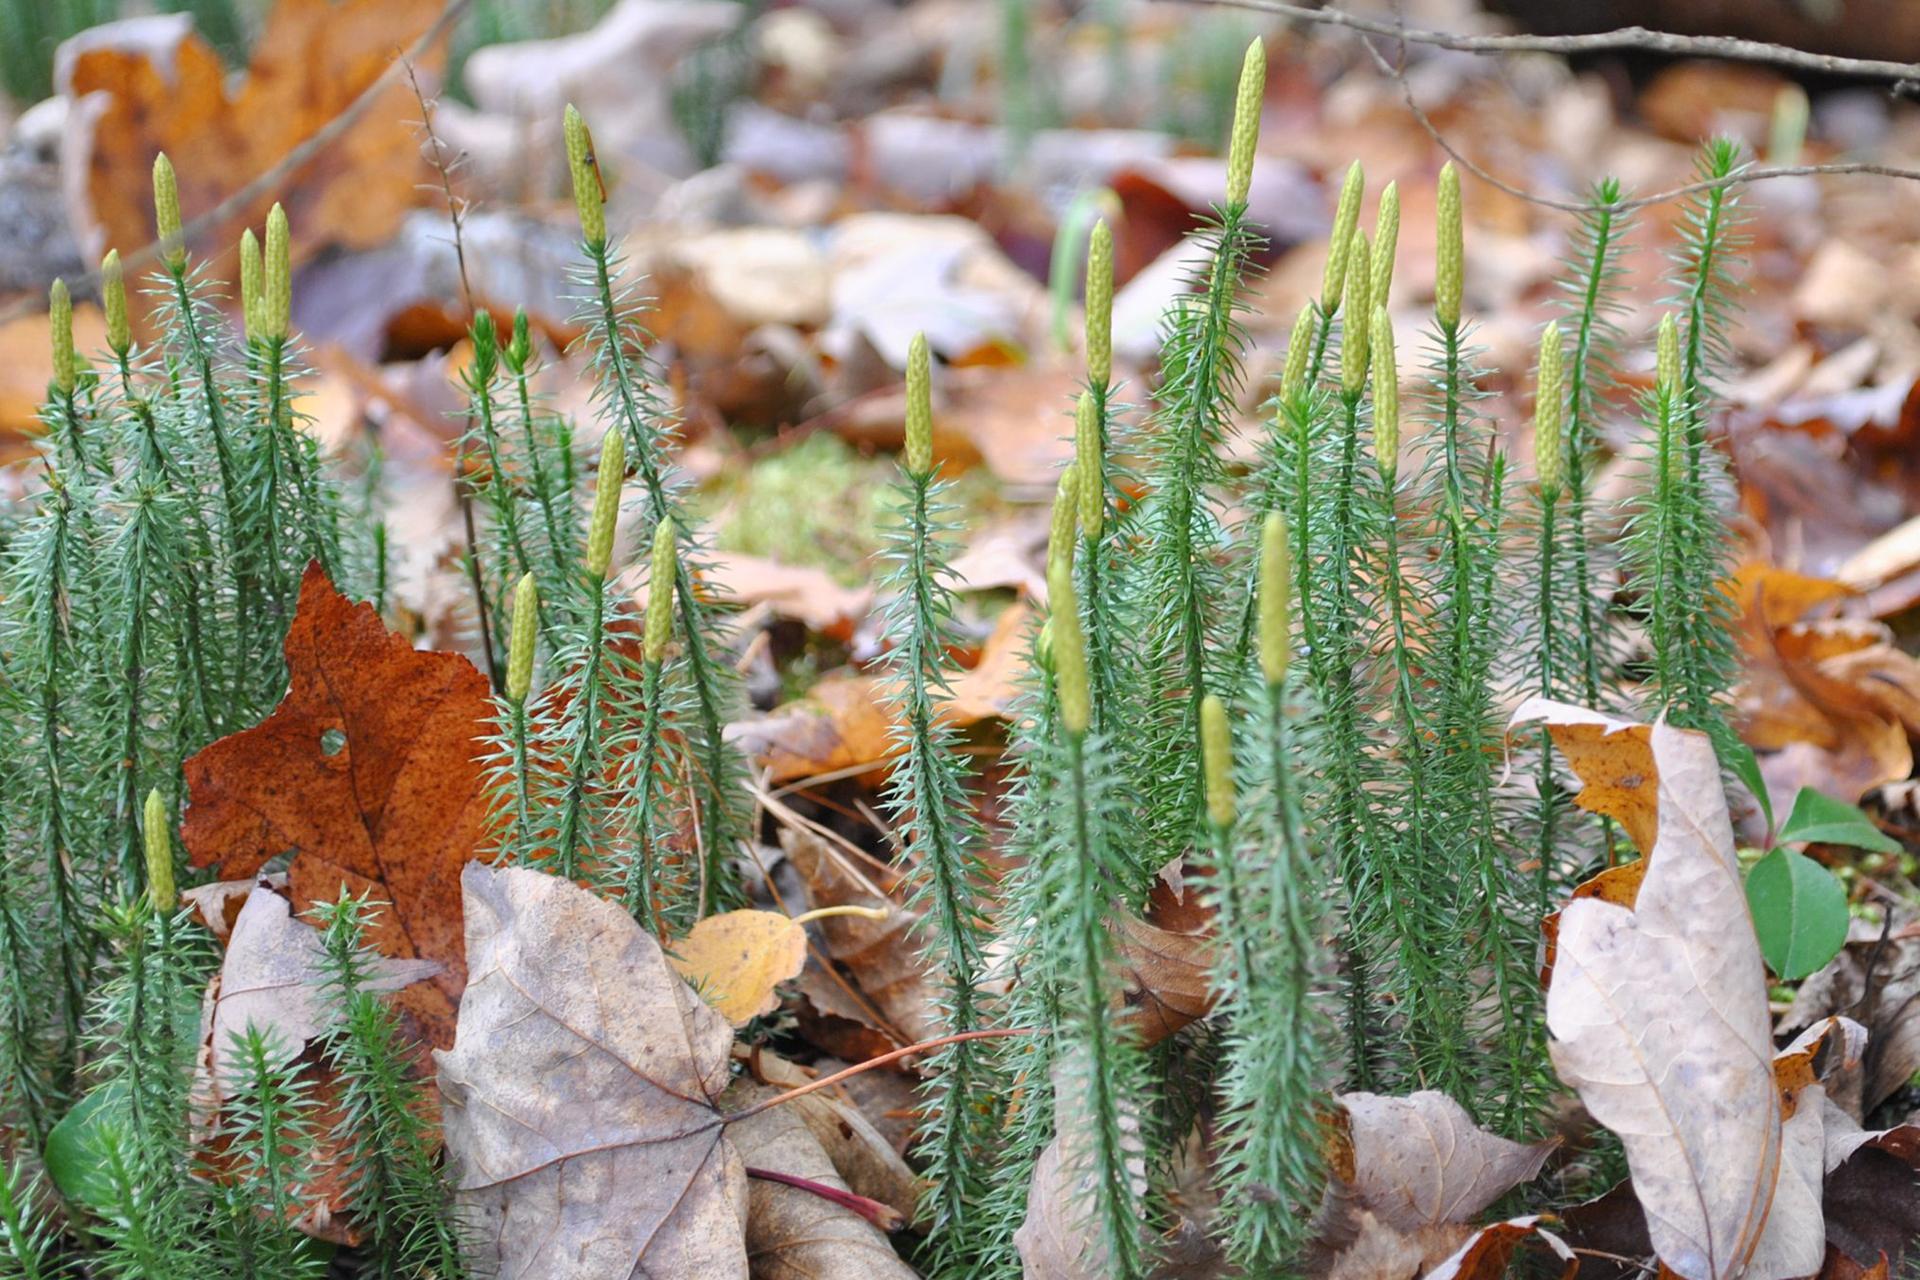 Fotografia przedstawia runo leśne, pokryte suchymi liśćmi. Spomiędzy nich wystają wzniesione nierozgałęzione pędy widłaka jałowcowatego/ Ich liście odstają od łodygi. Pęd zakończony kłosem wytwarzajacym zarodniki.